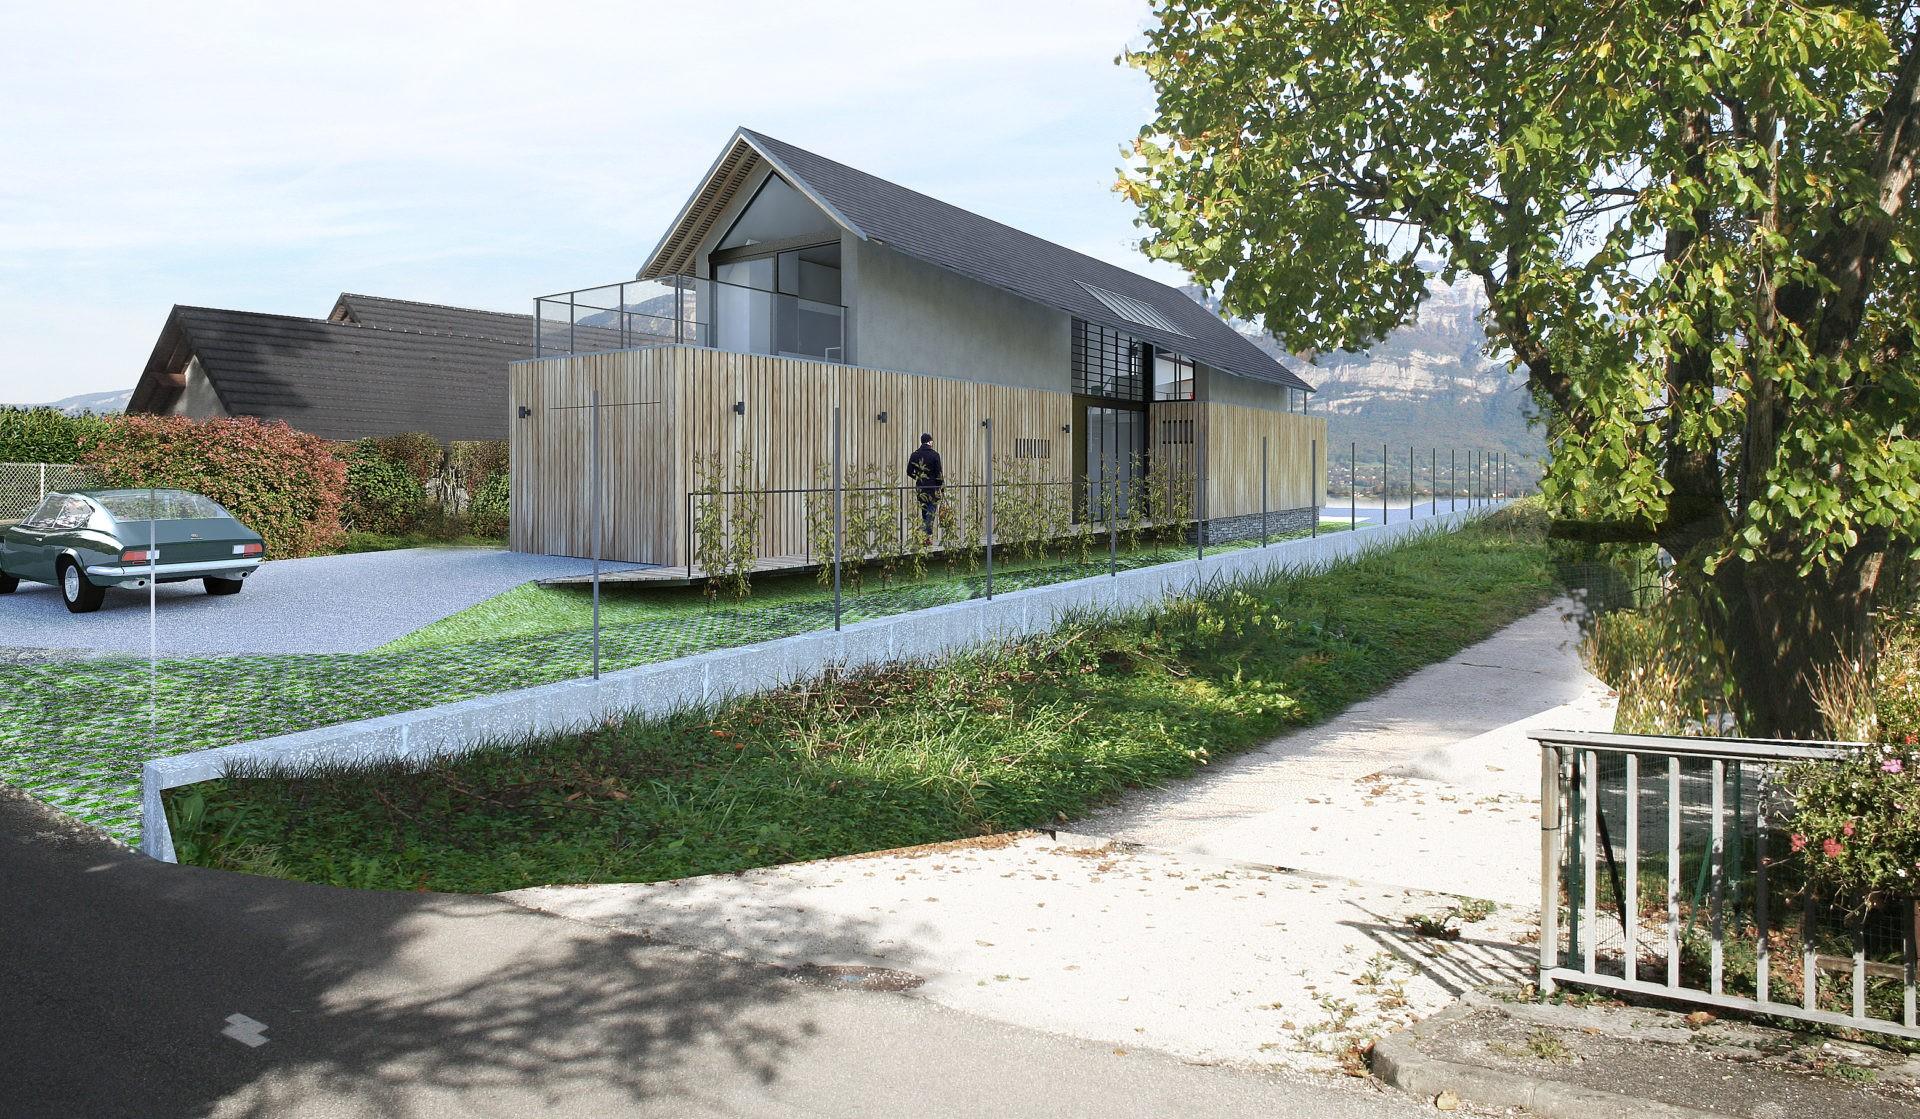 ASB architecte chambery savoie maison ossature bois bourdeau 5